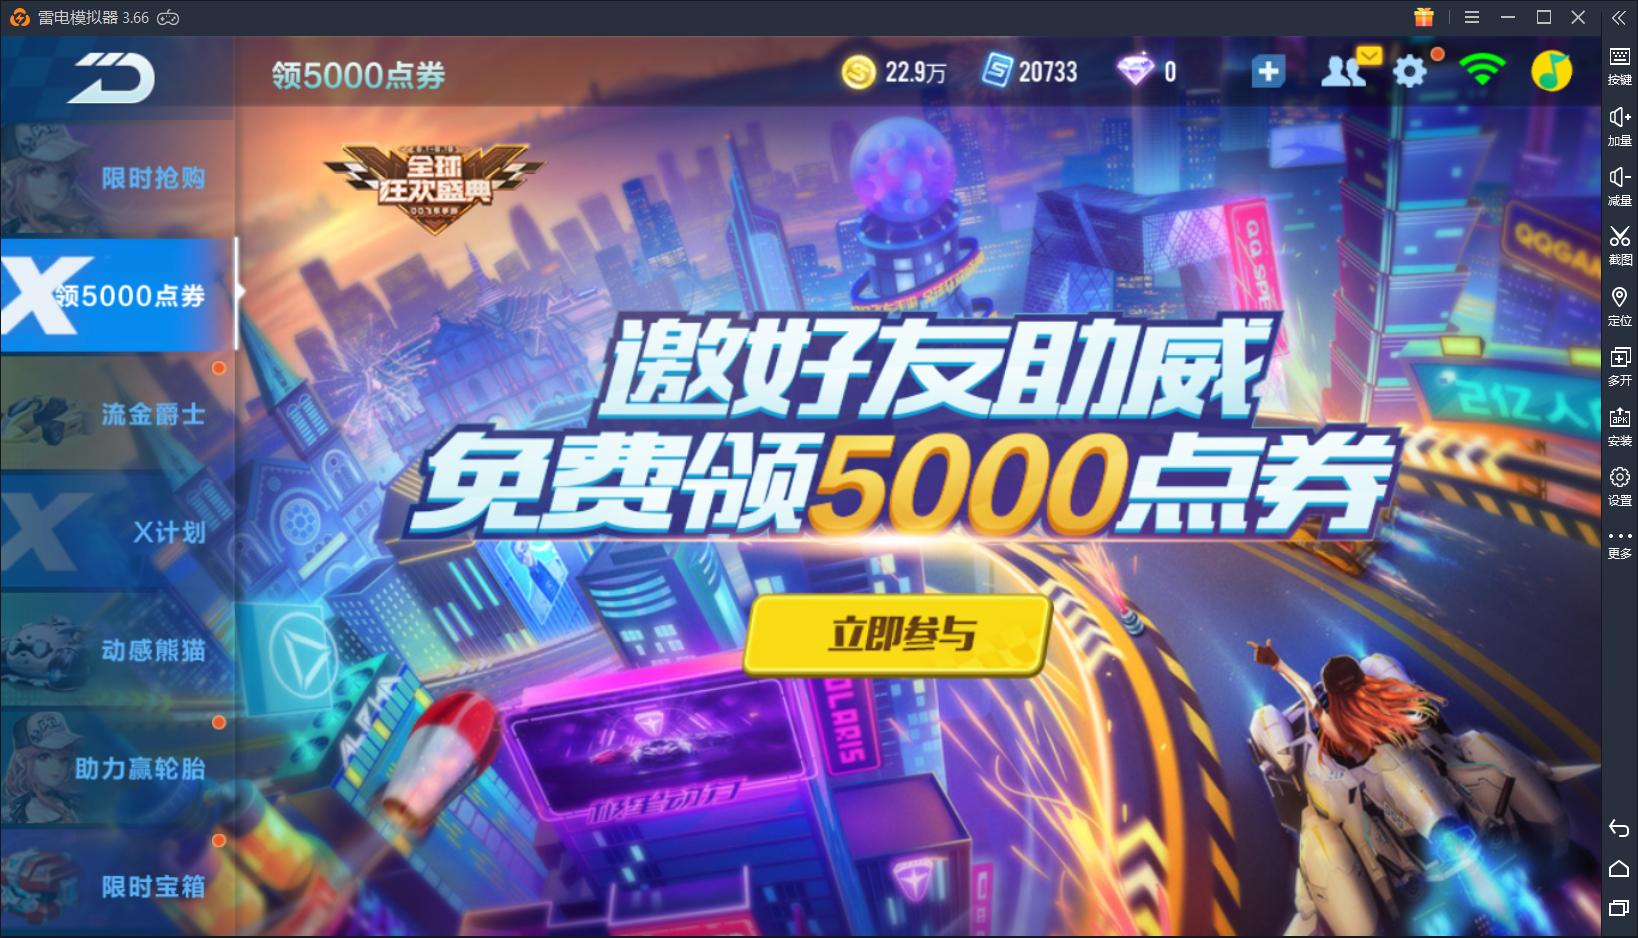 QQ飞车手游:这个周末躺着拿福利!五千点券和A车宝箱预热狂欢节